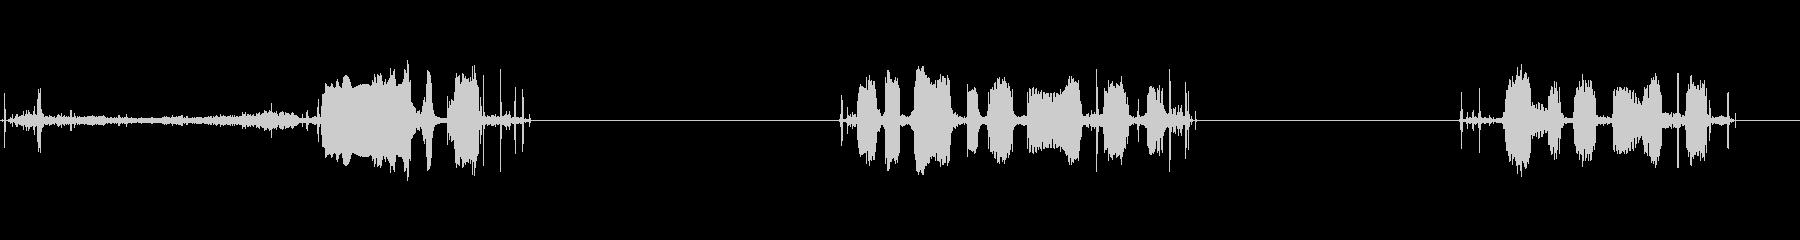 双方向無線:汎用通信静的;ウォーキ...の未再生の波形